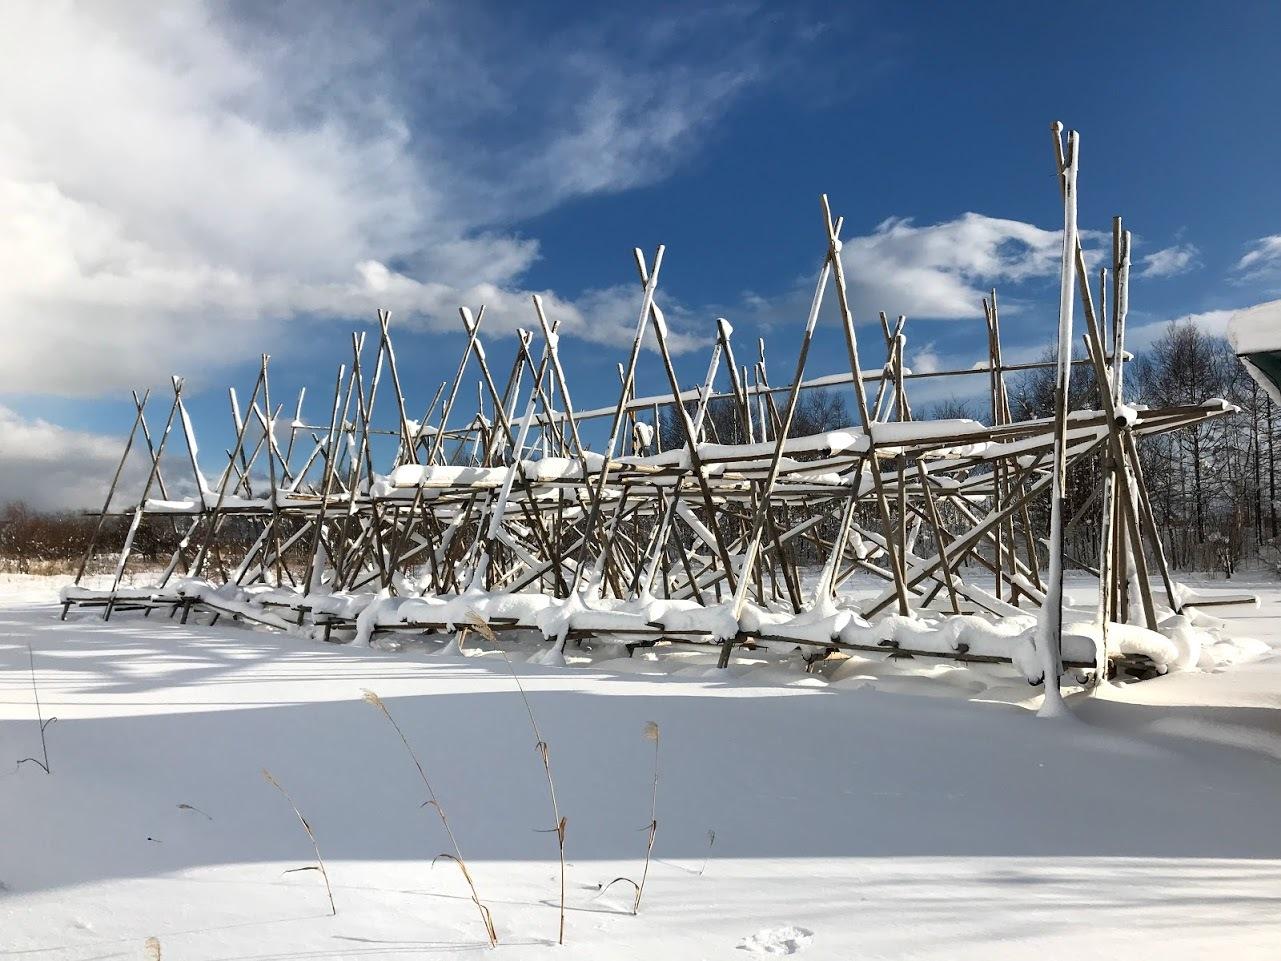 雪の中の岩見沢プロジェクト_c0189970_10114790.jpg